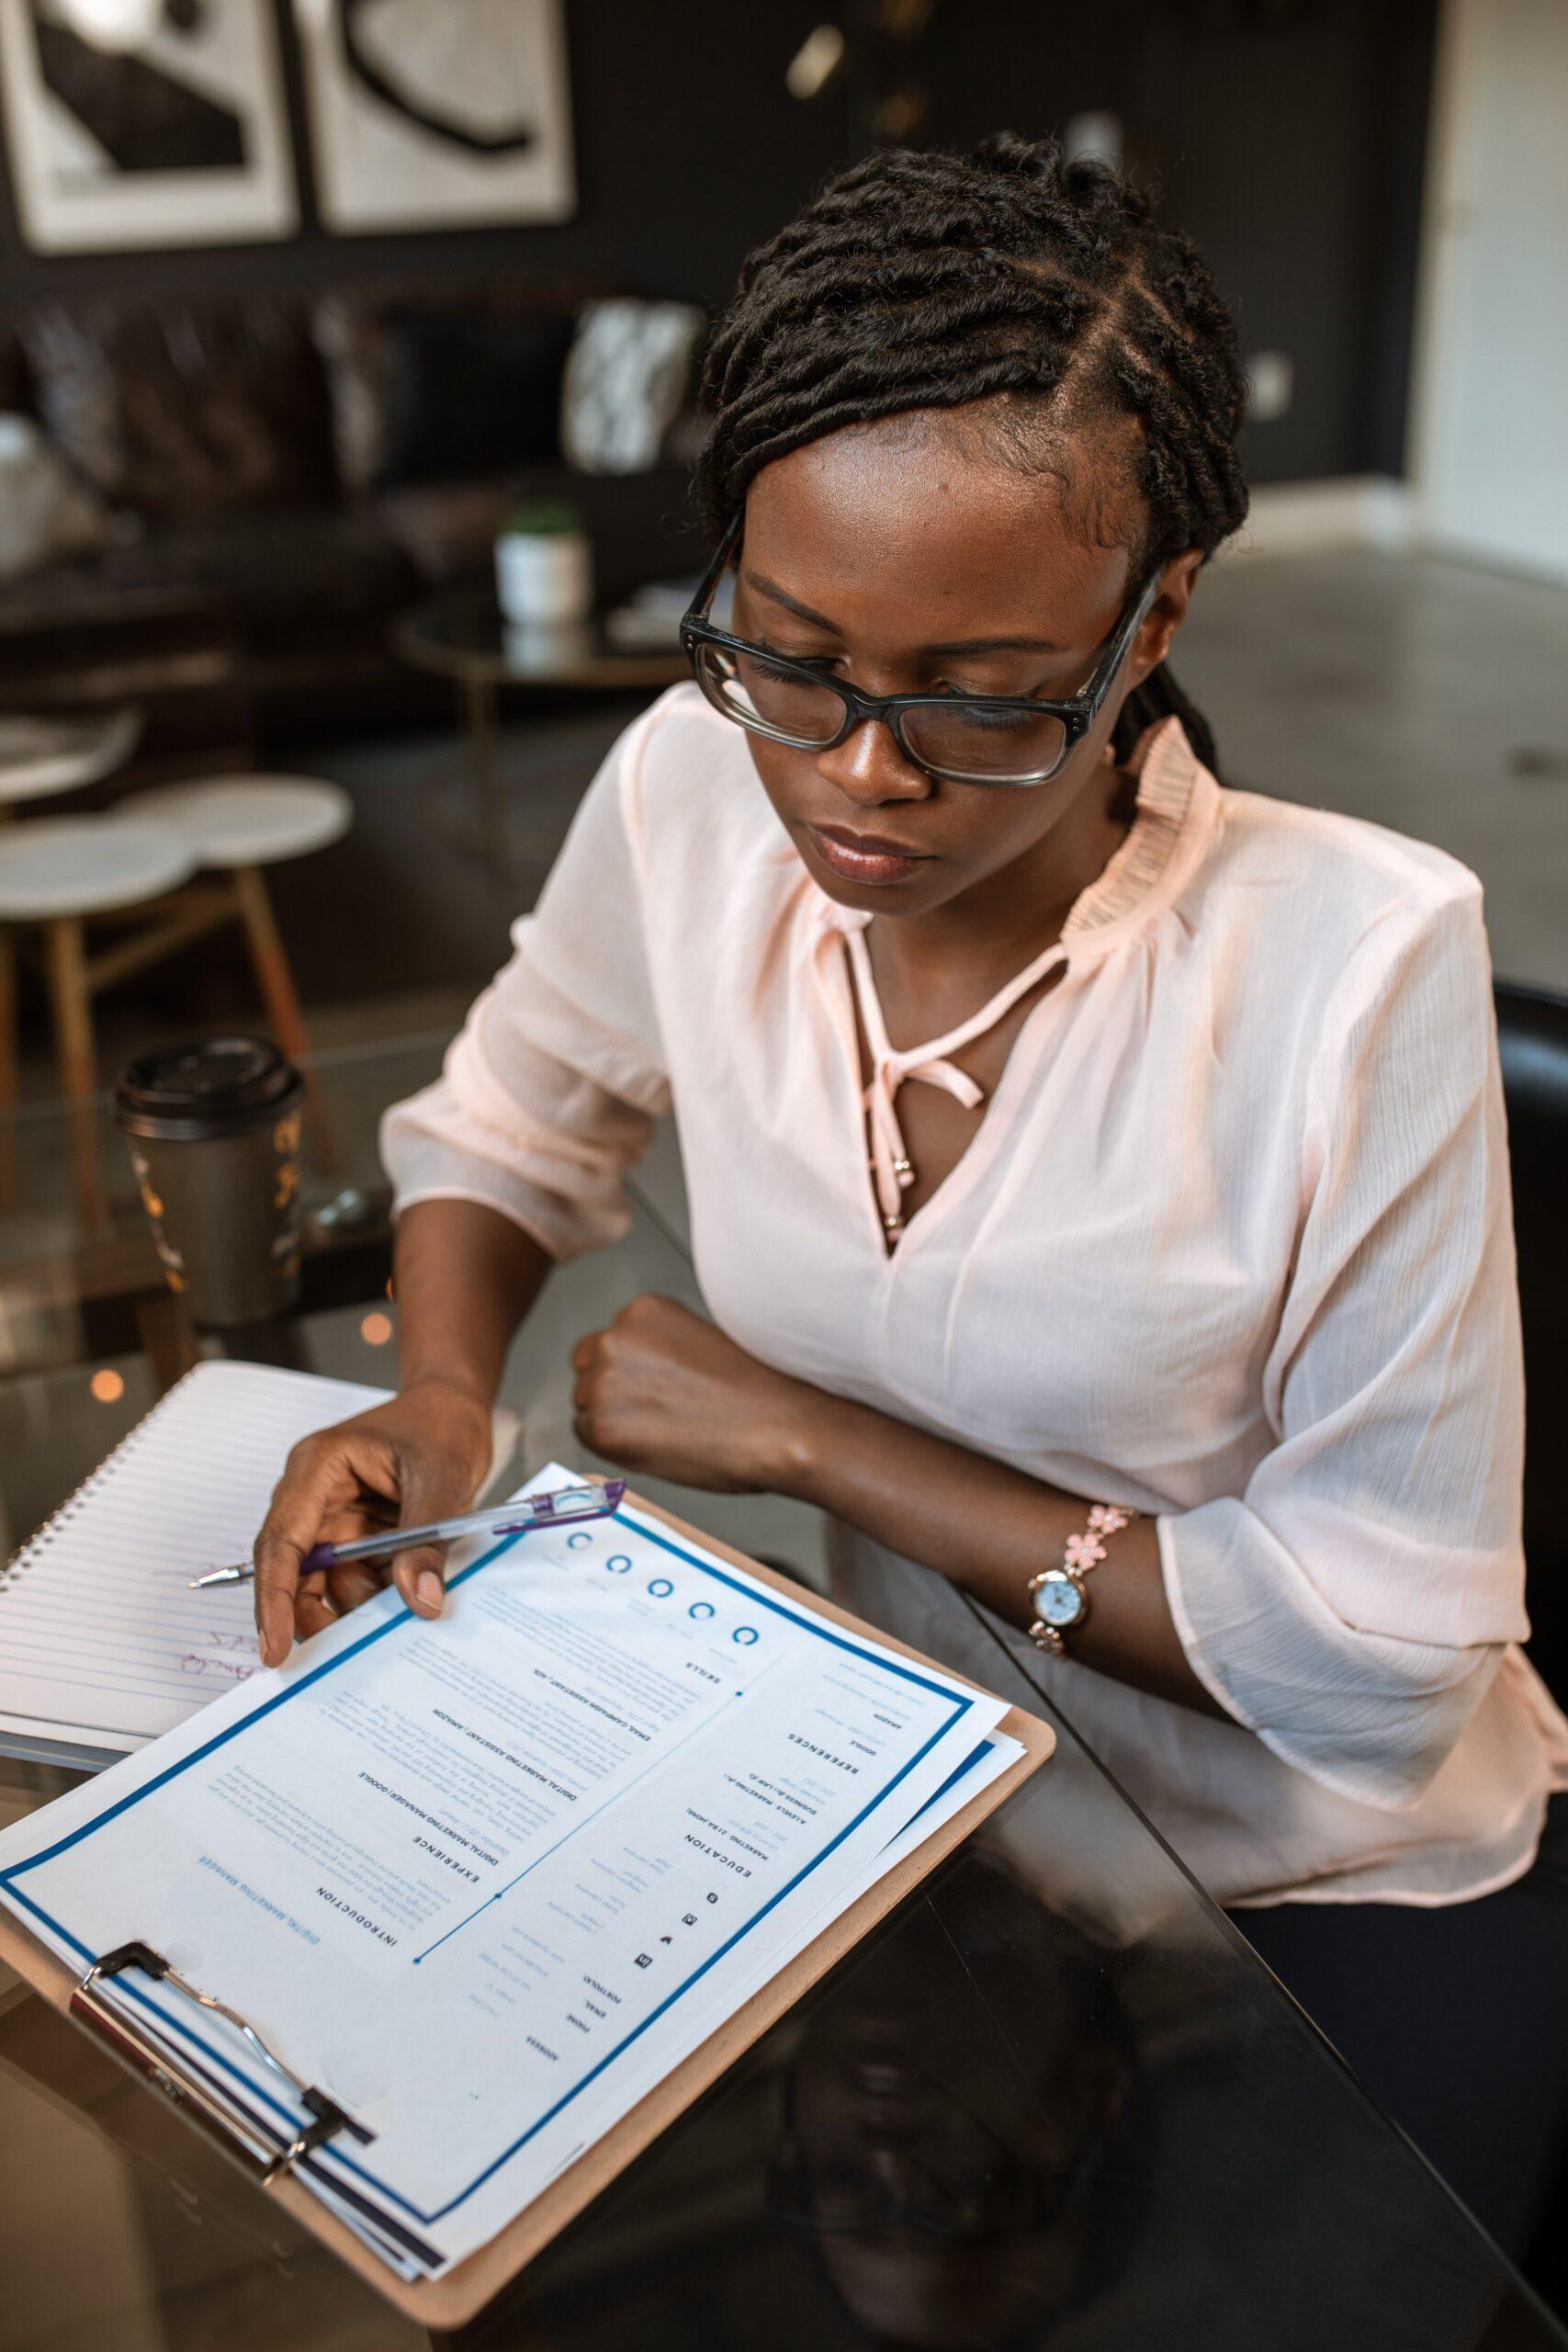 Tips for winning resume